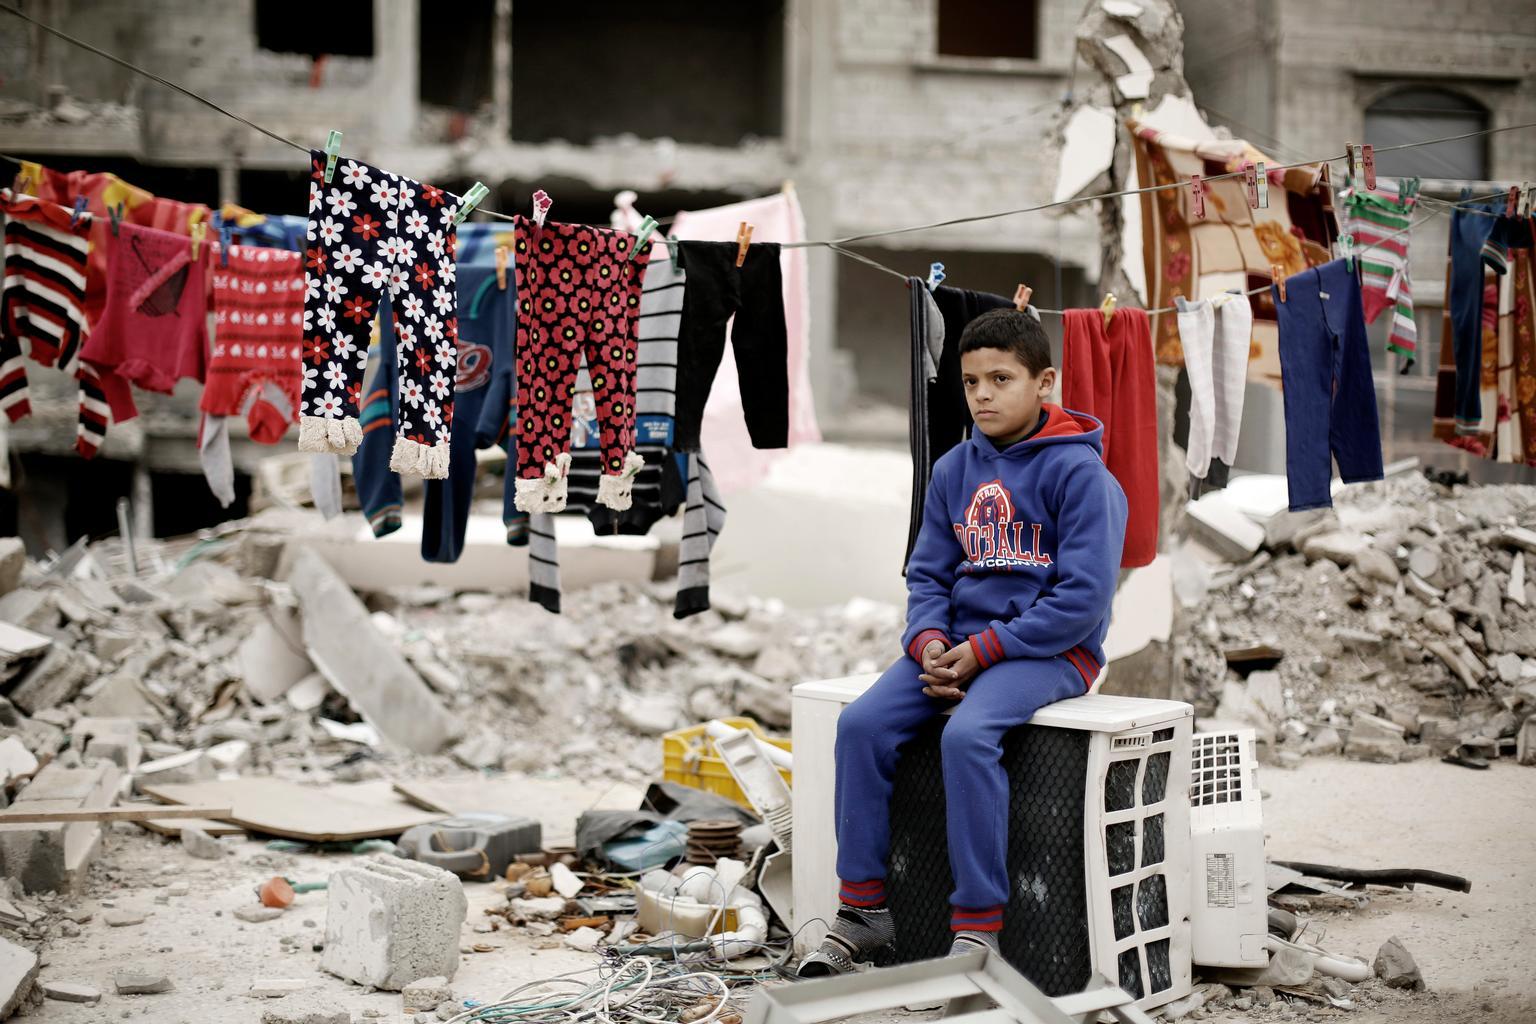 © UNICEF/NYHQ2015-0251/El Baba